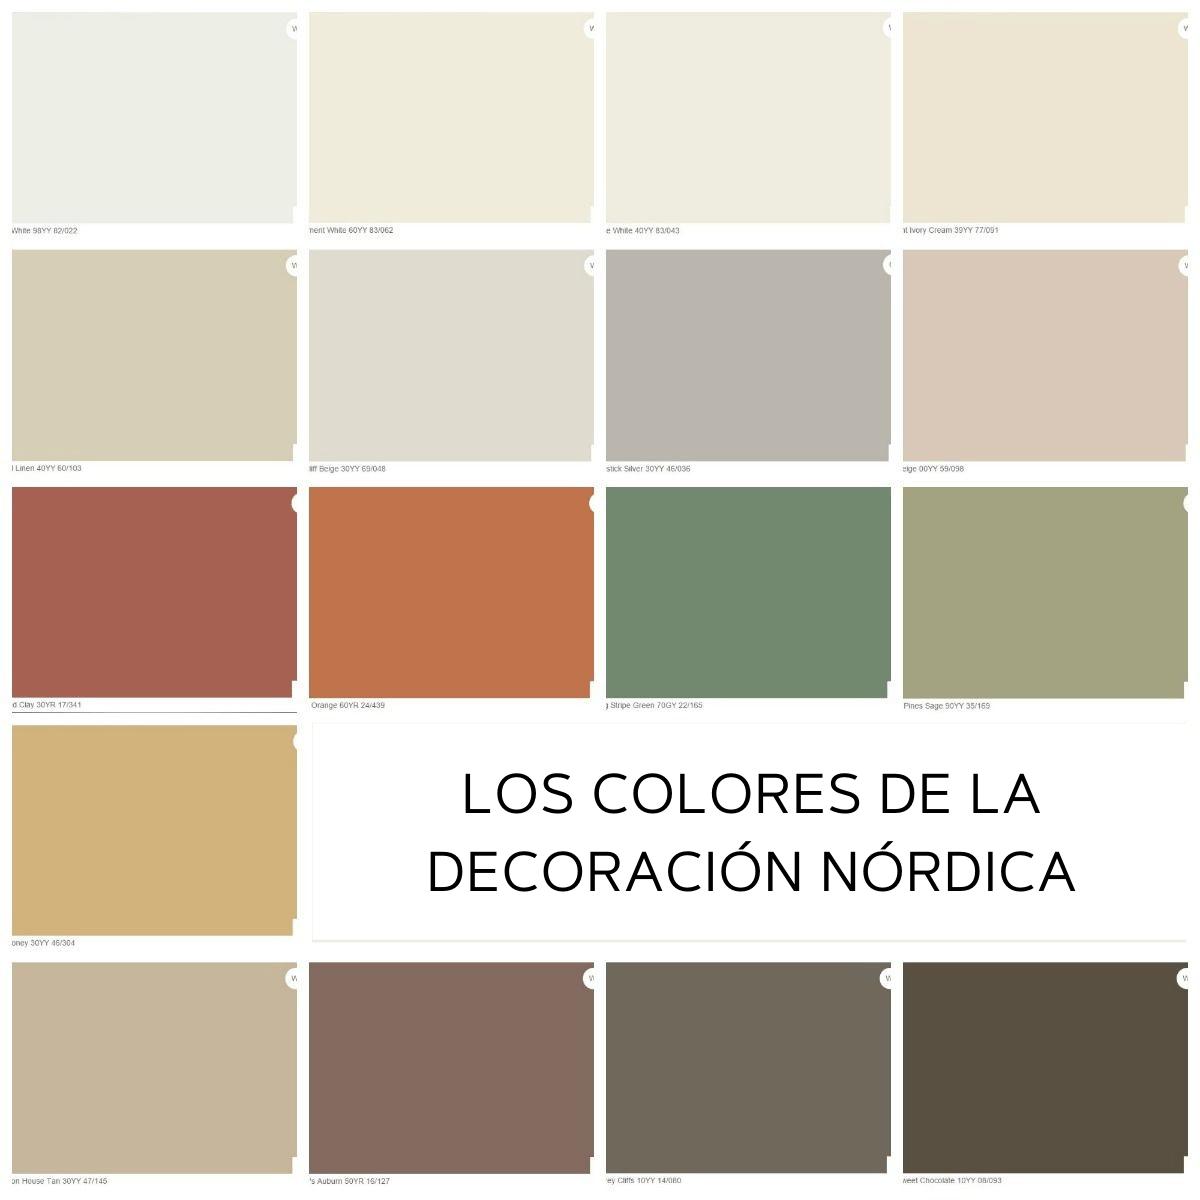 Paleta de colores de la decoración Nórdica